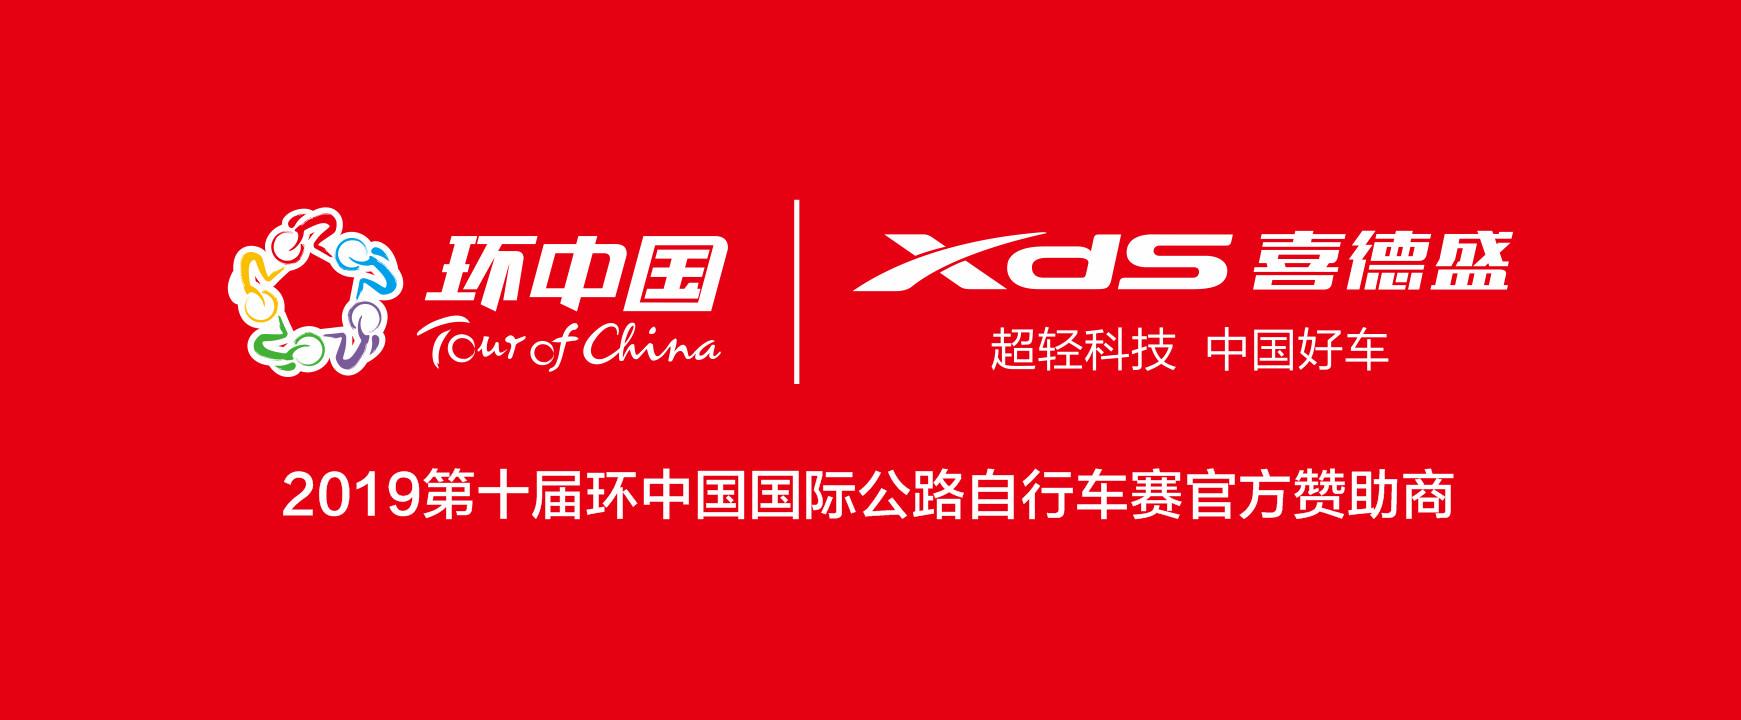 2019环中国永州宁远赛段,喜德盛洲际车队斩获赛段冠军,为中国车队喝彩!